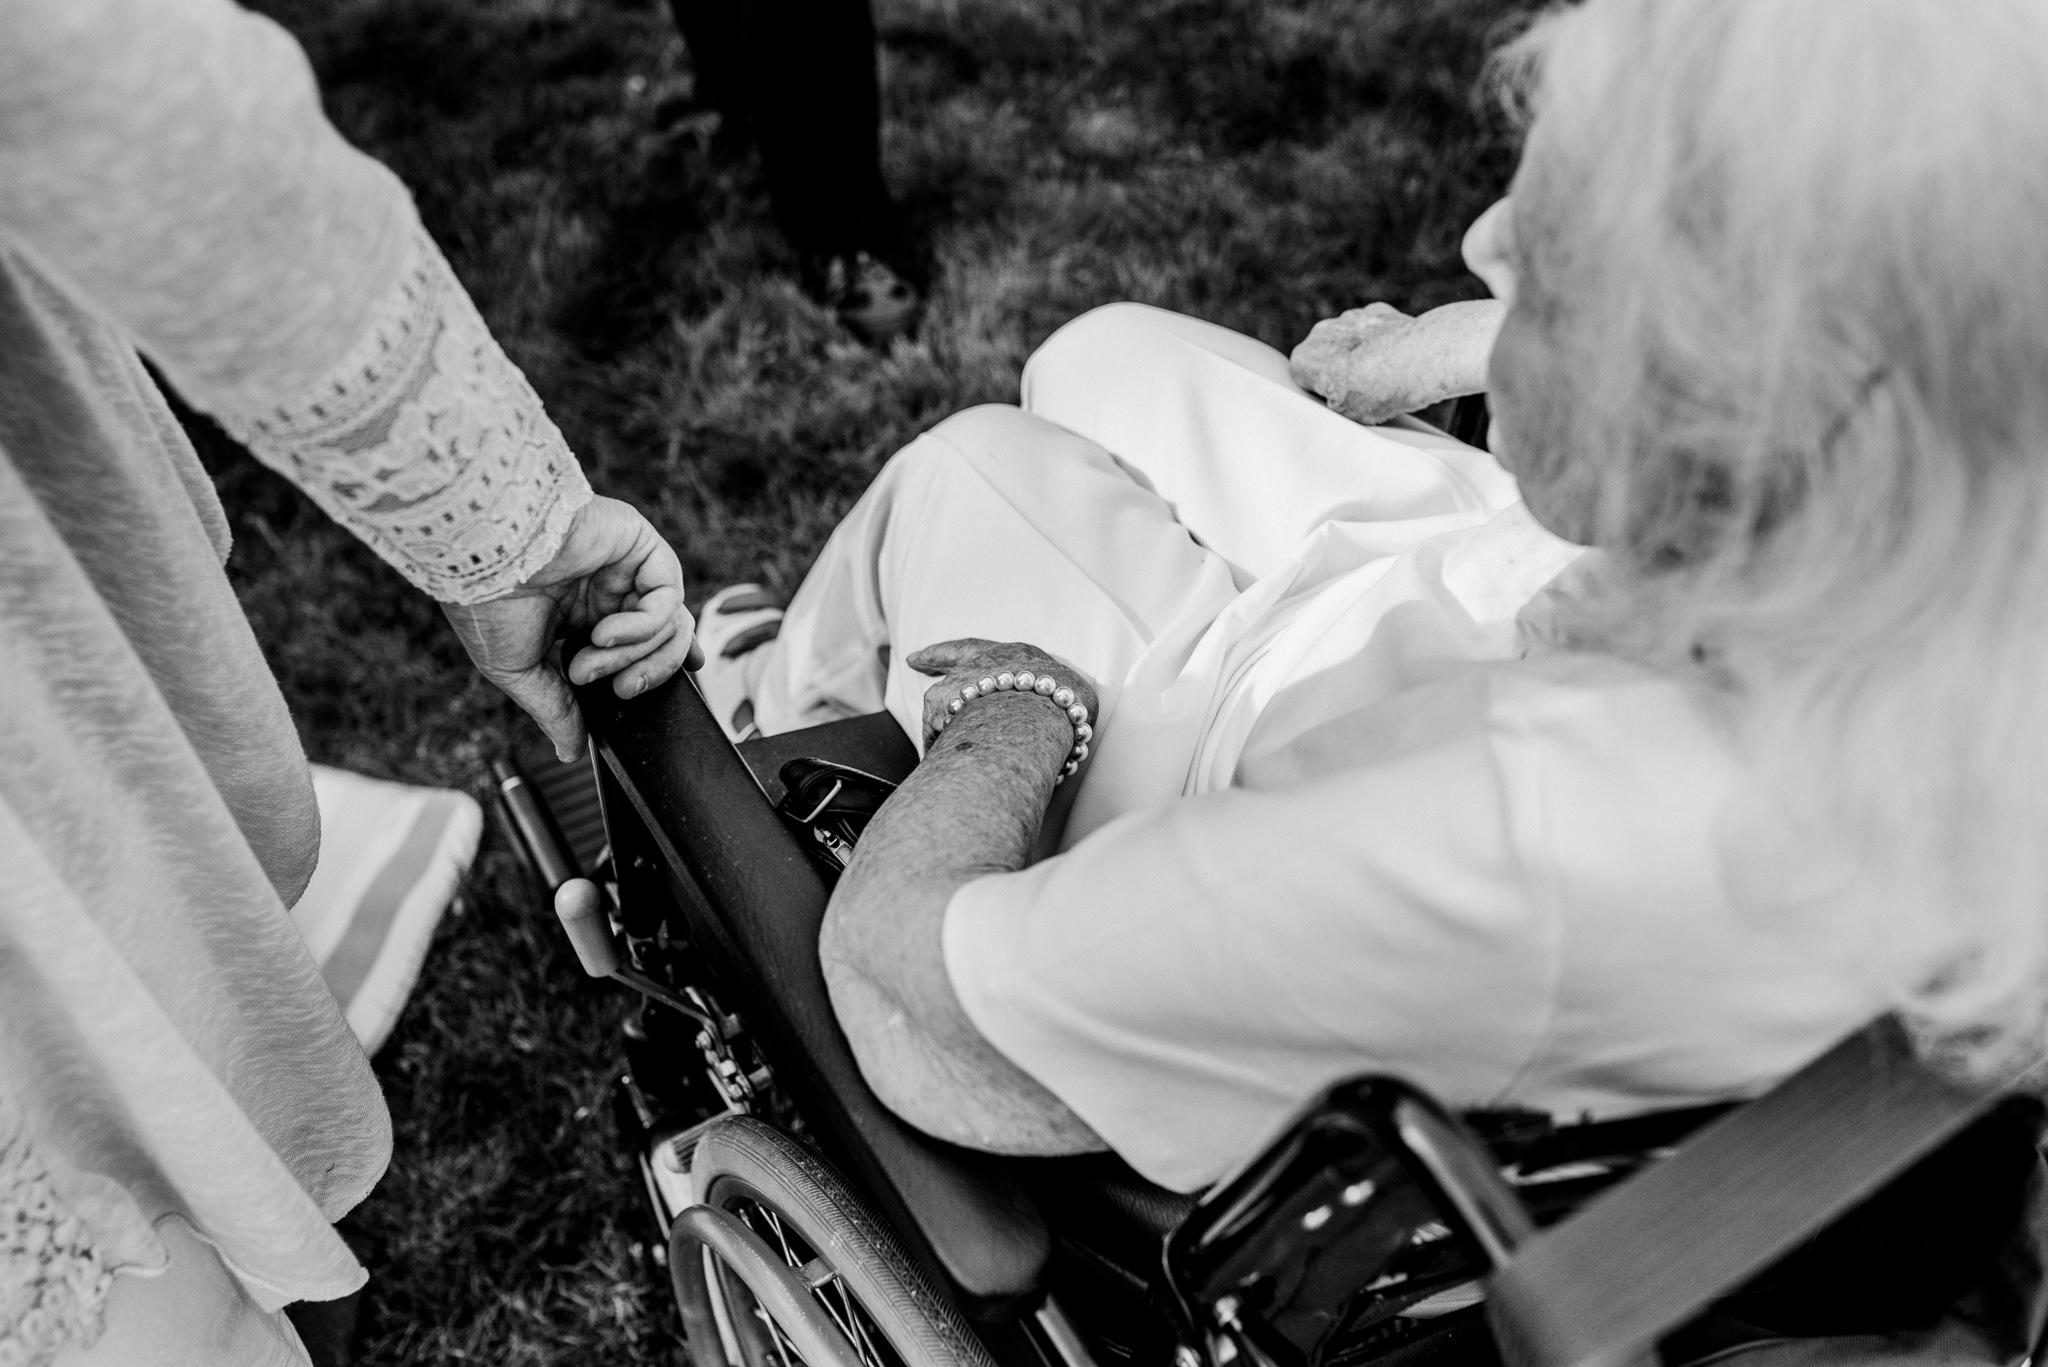 leeds-reportage-wedding-photography-18.jpg